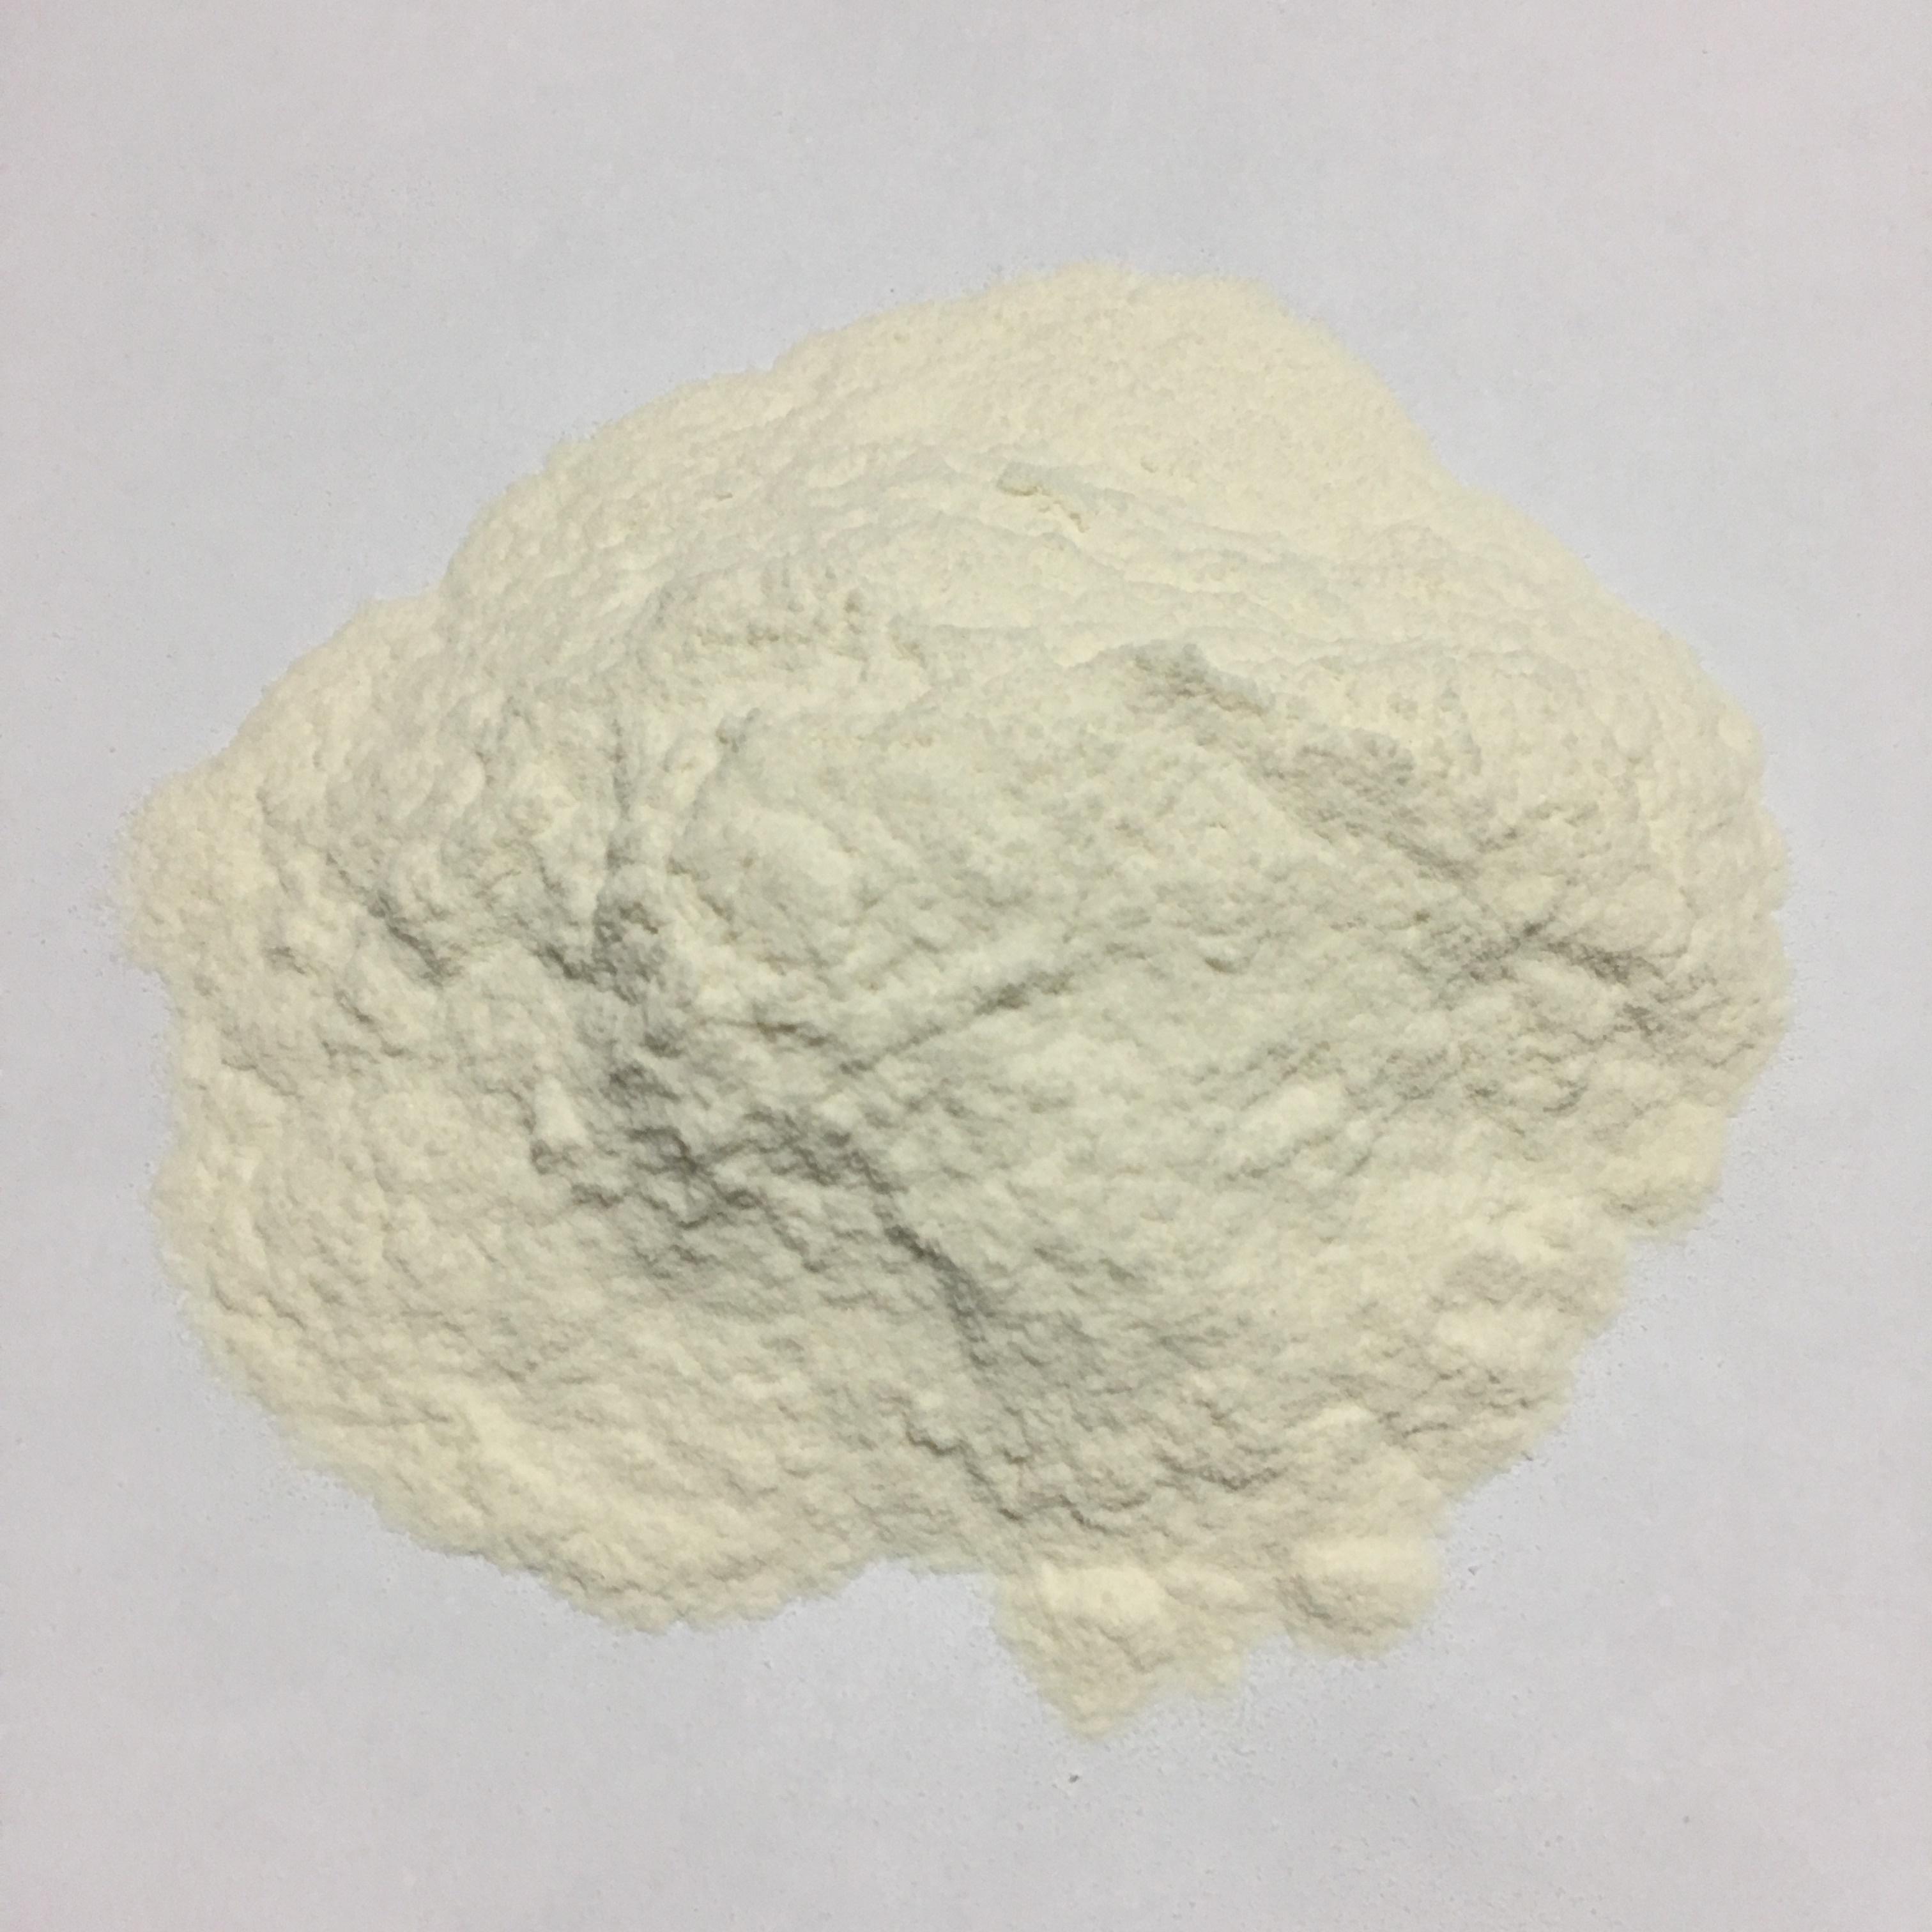 供應羥乙基甲基纖維素乳膠油灰專用 灰泥添加劑 羥乙基甲基纖維素